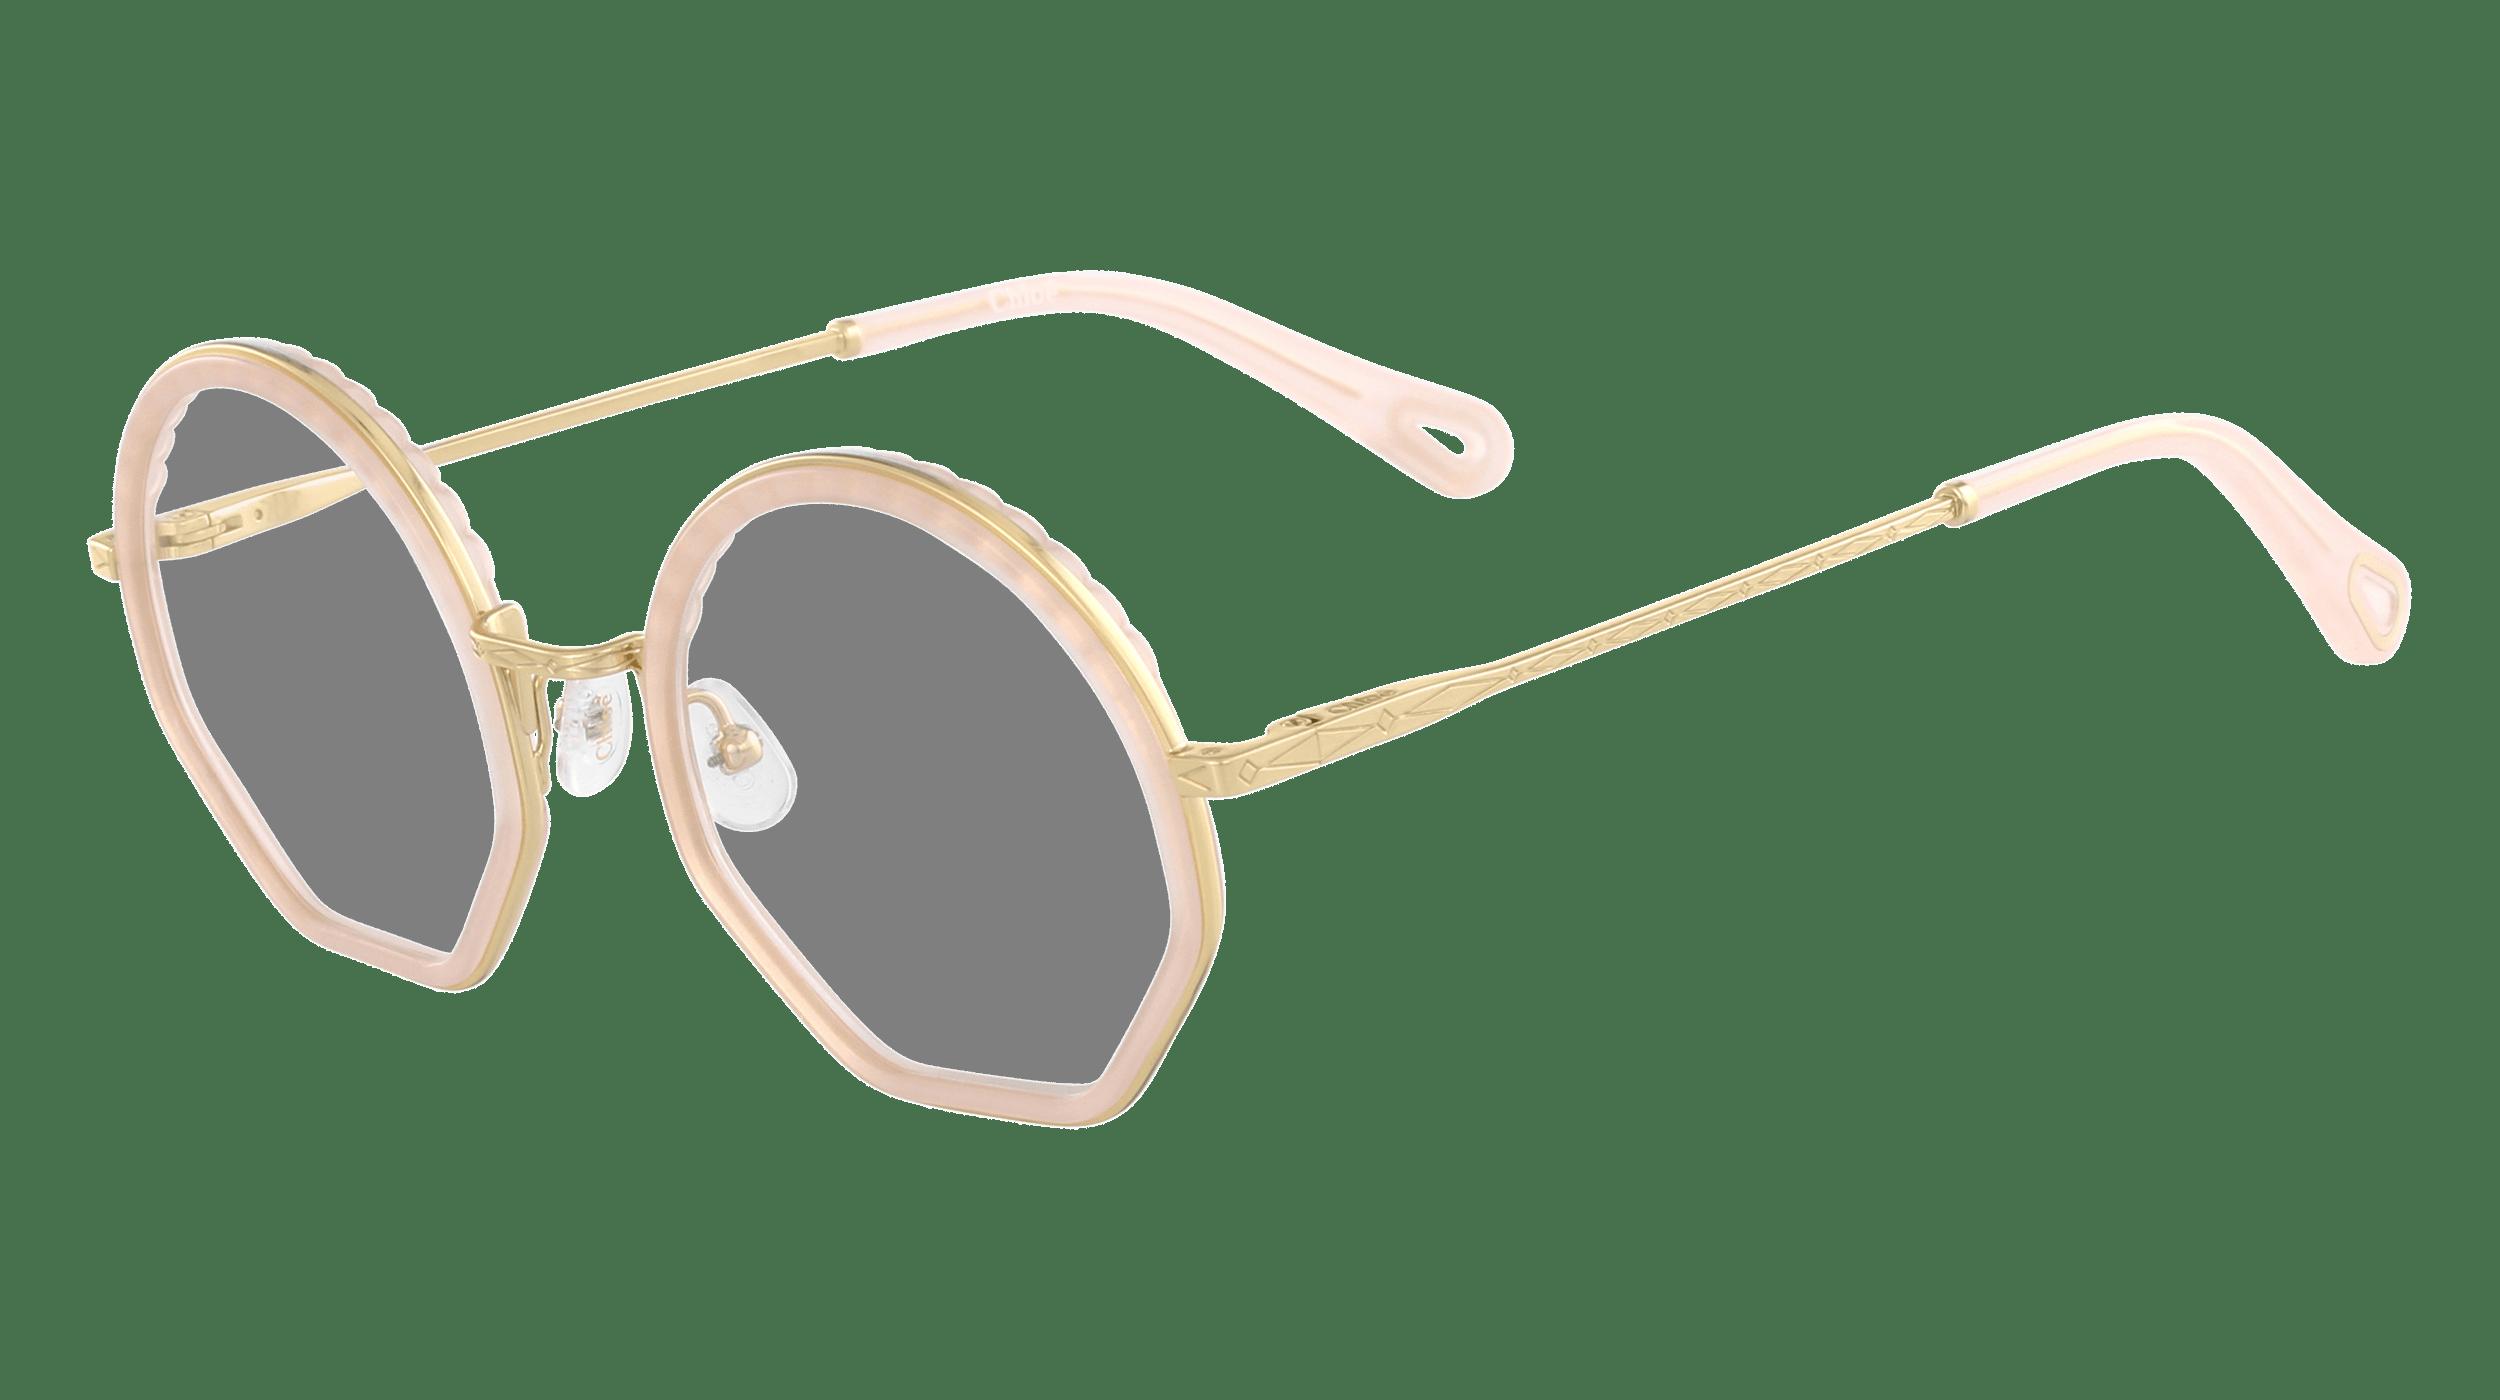 Nahaufnahme von einer Cloé Korrekturbrille mit goldenem Rahmen und Bügeln und ründlichen Brillengläsern.